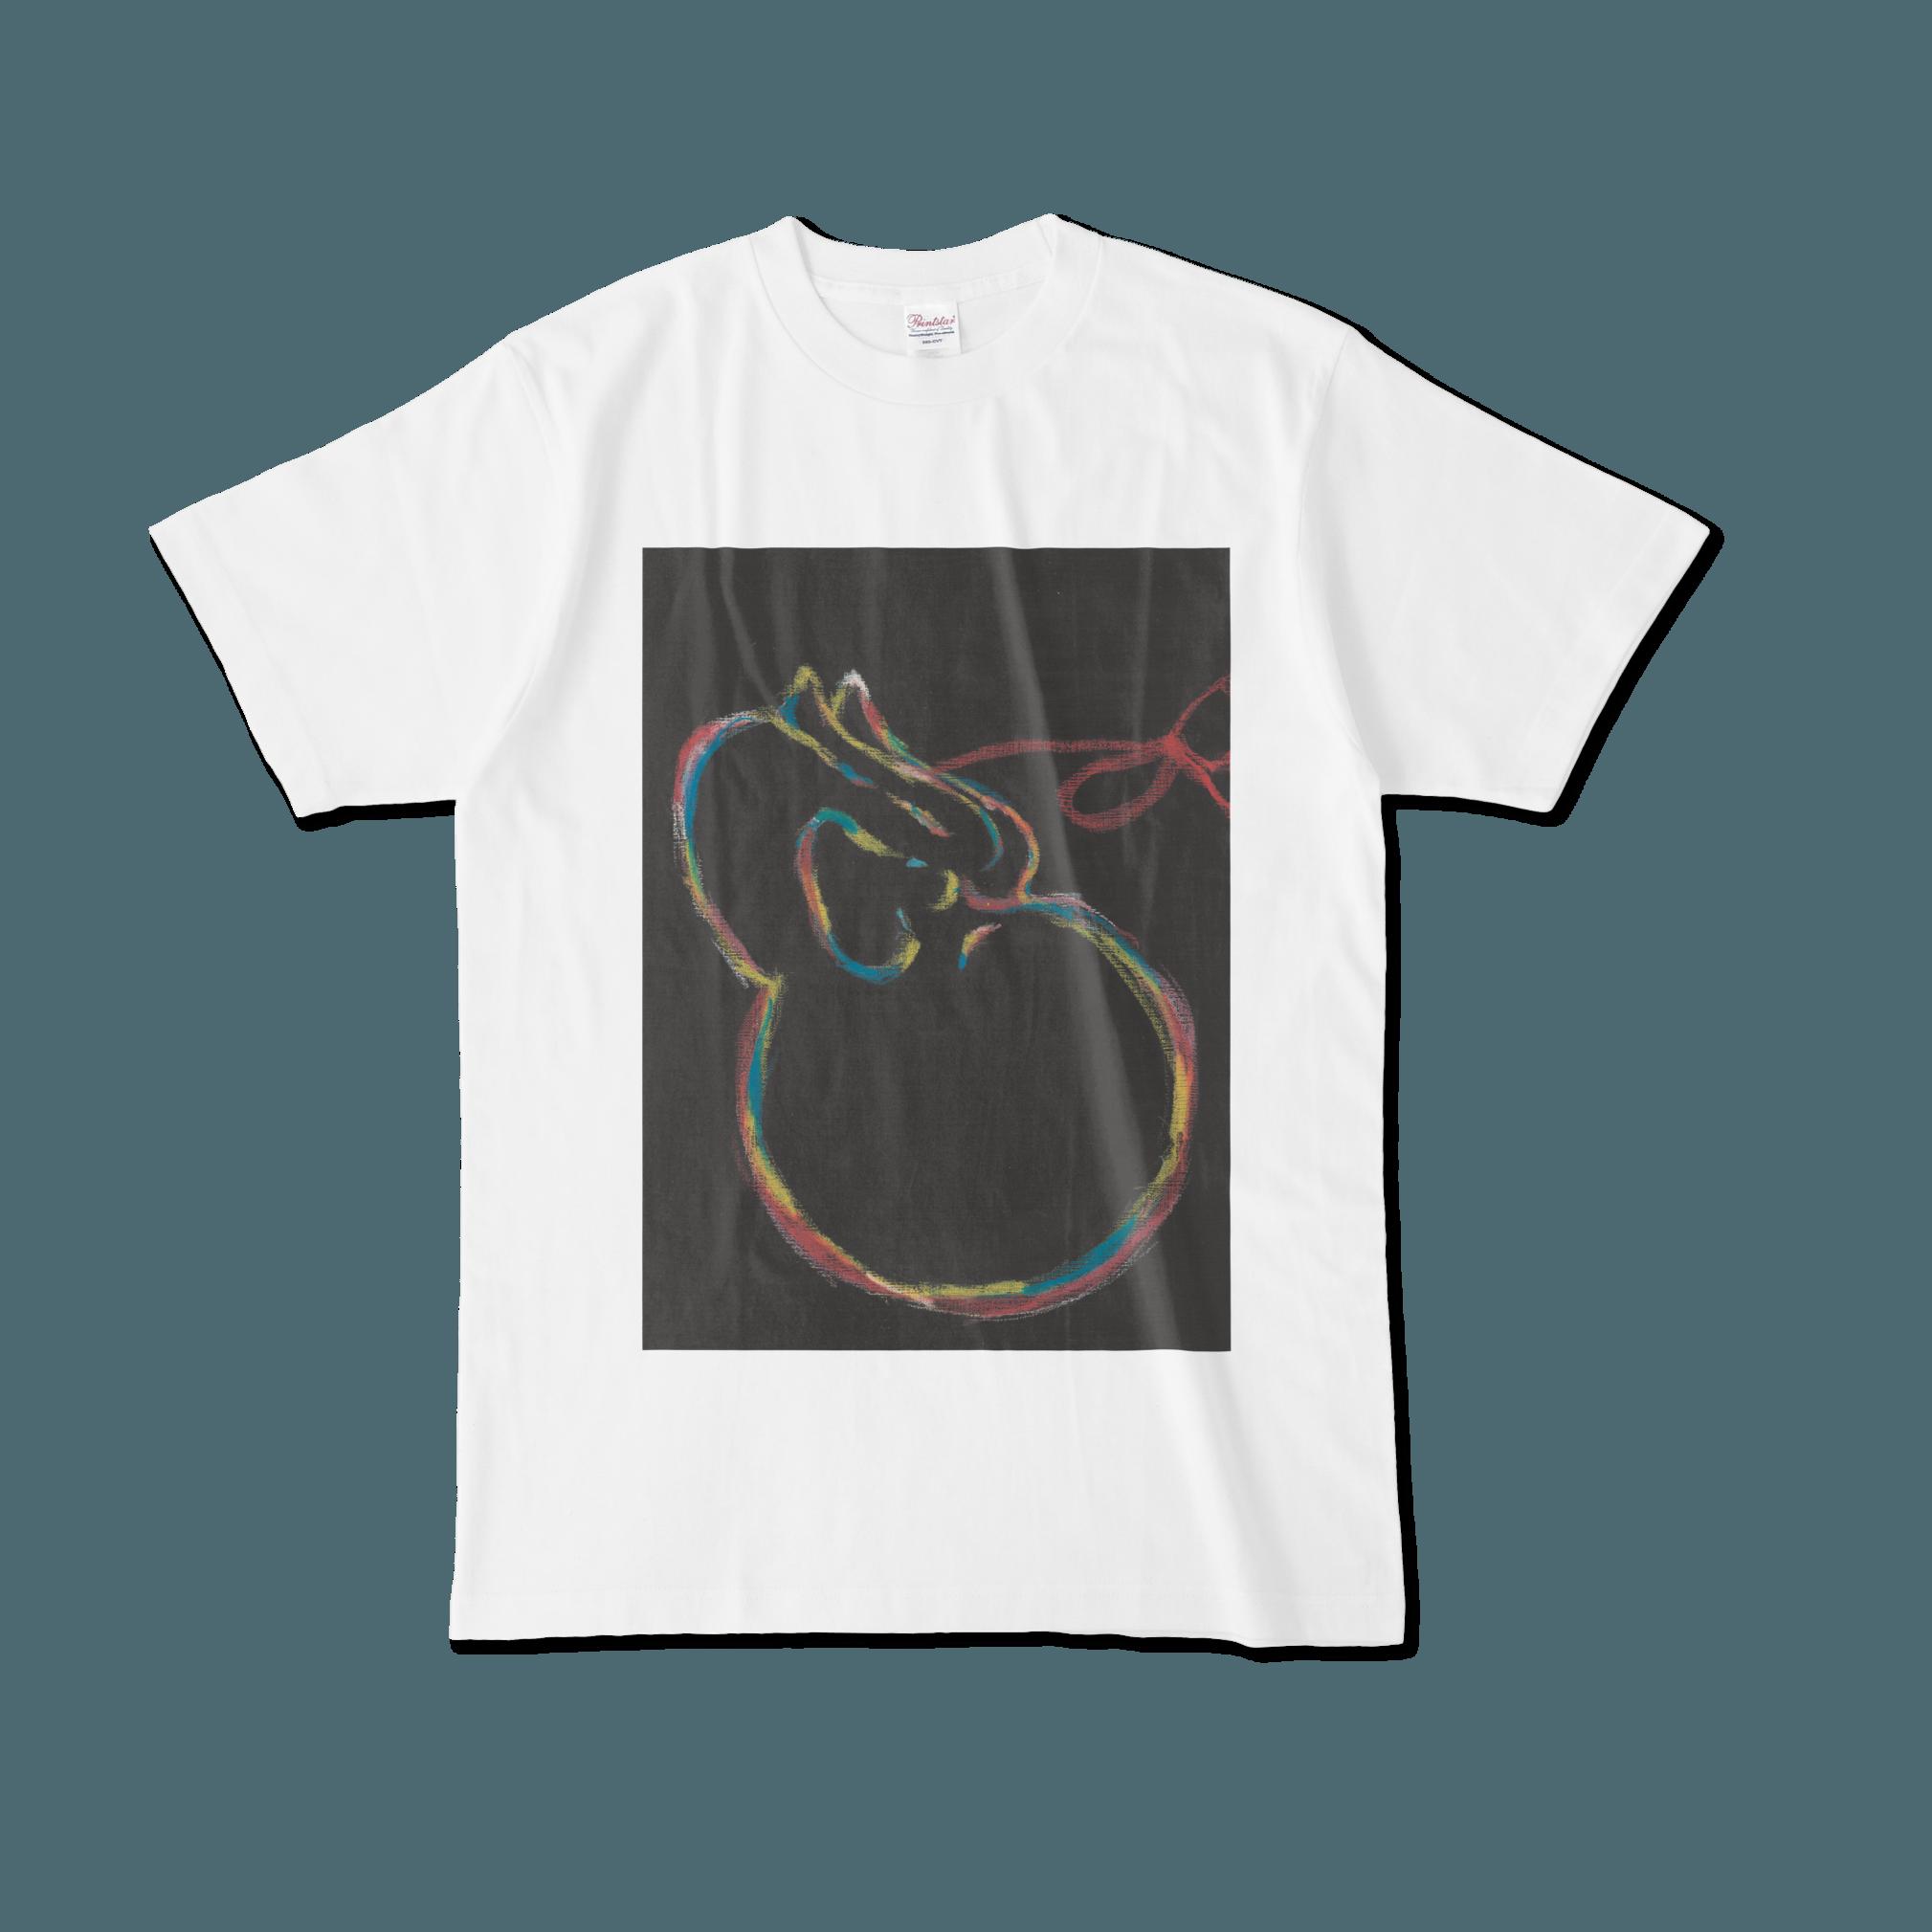 【税込・送料無料】飯田結万デザインTシャツ「希望」